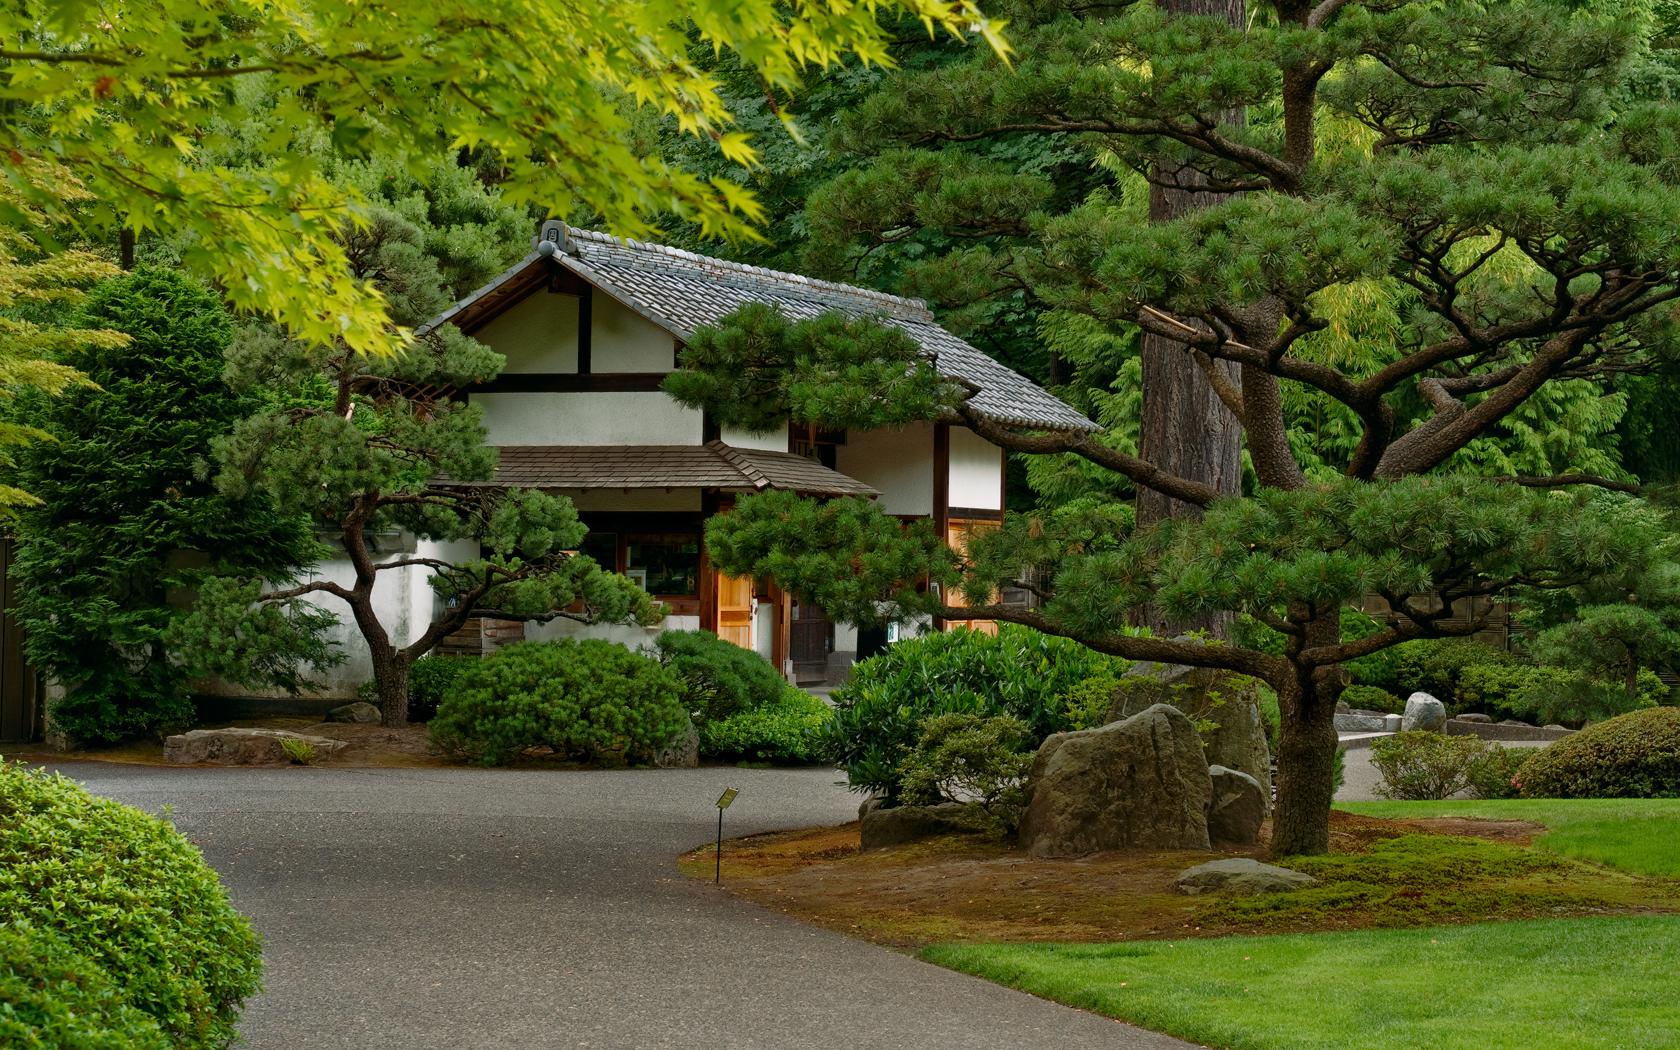 beautiful japan | Beautiful Japan - Wallpaper #36847 & beautiful japan | Beautiful Japan - Wallpaper #36847 | Places I need ...